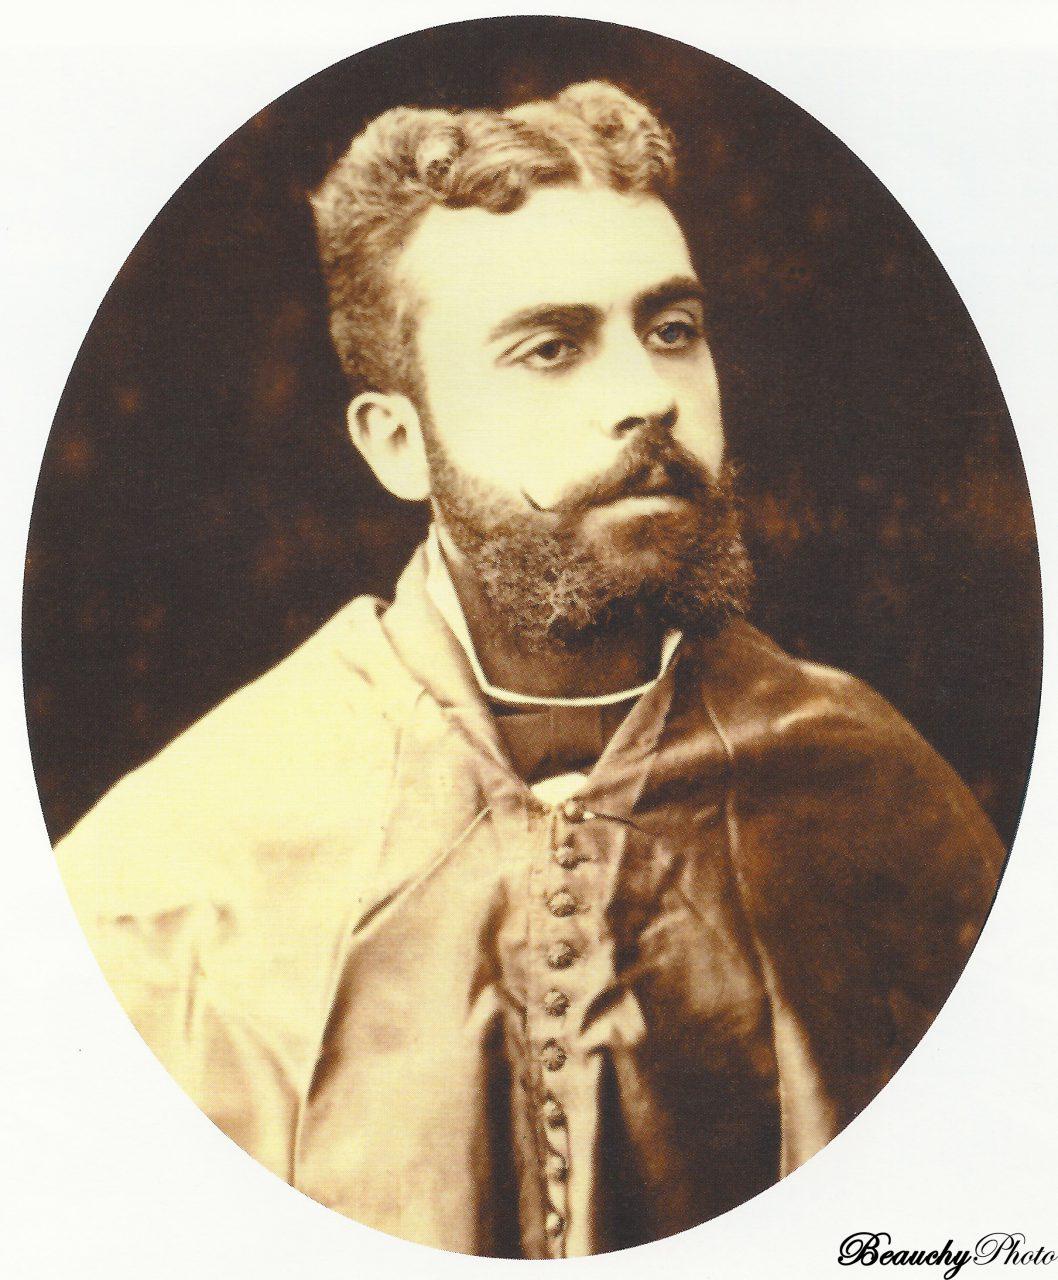 beauchyphoto_manuel_gomez_macia_1868_emilio_beauchy_cano_fotografias_antiguas_postales_retratos